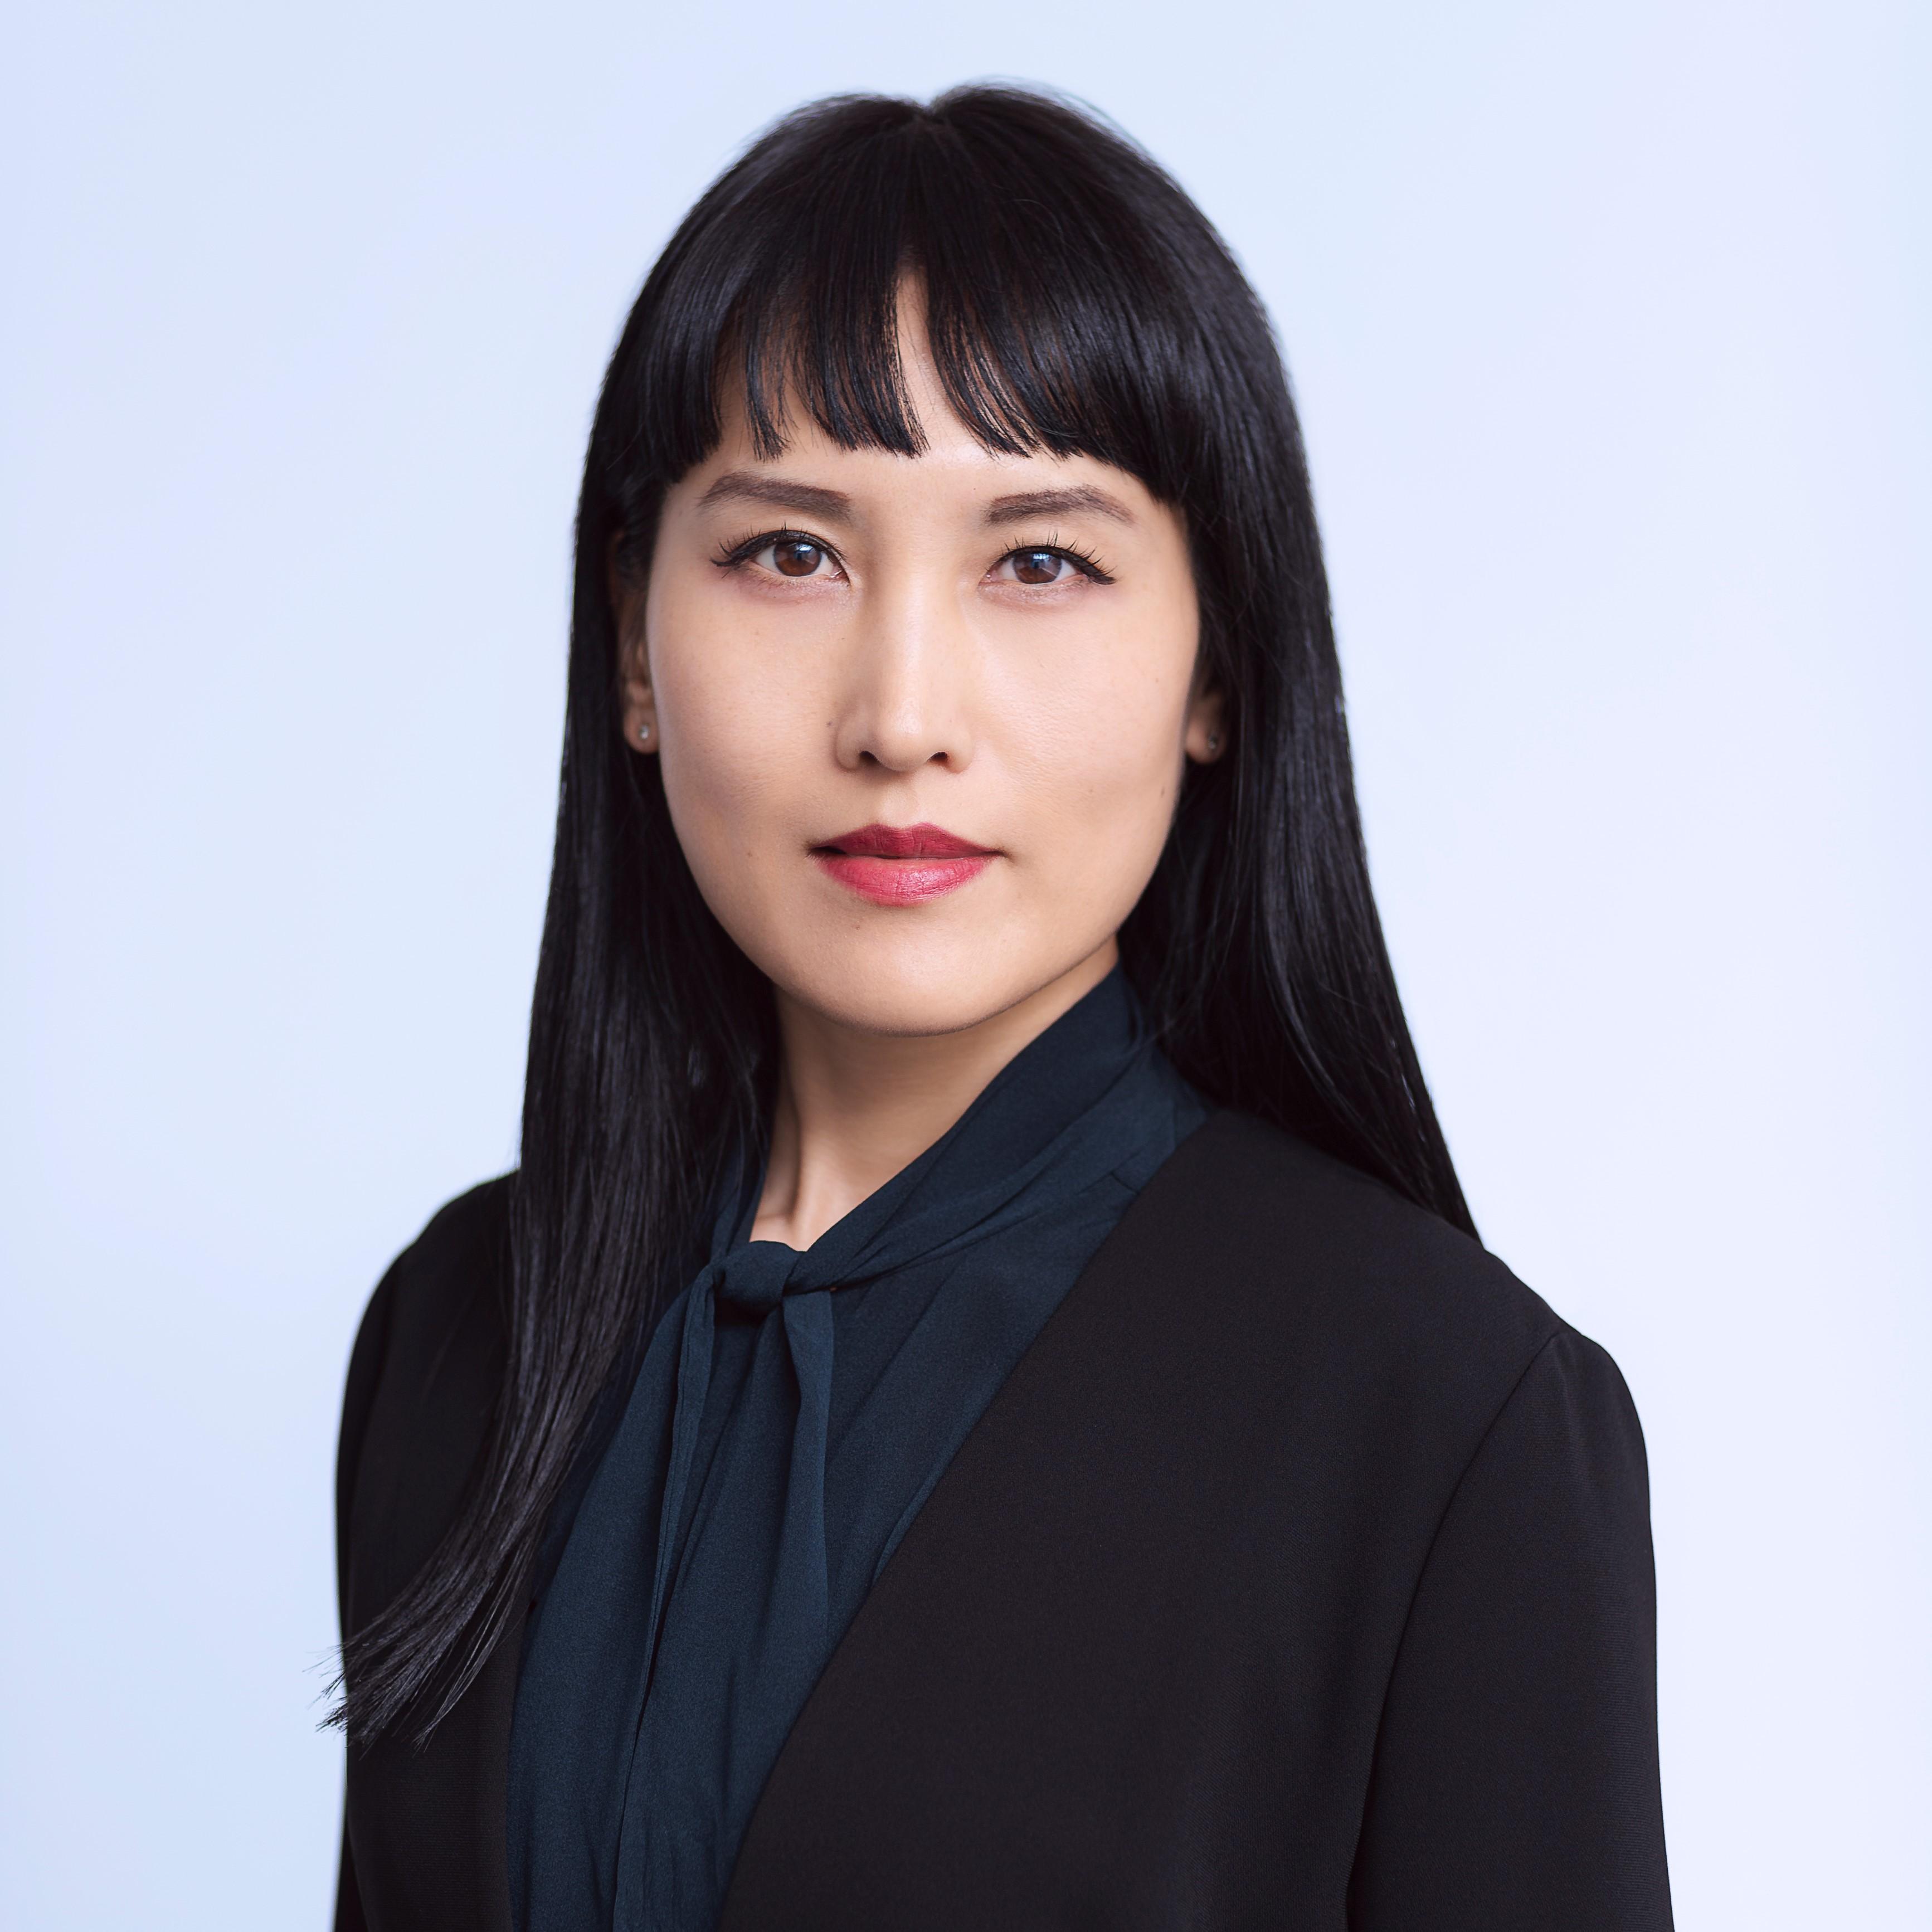 執行役員<br /> 社長室 室長 芹沢 美稀